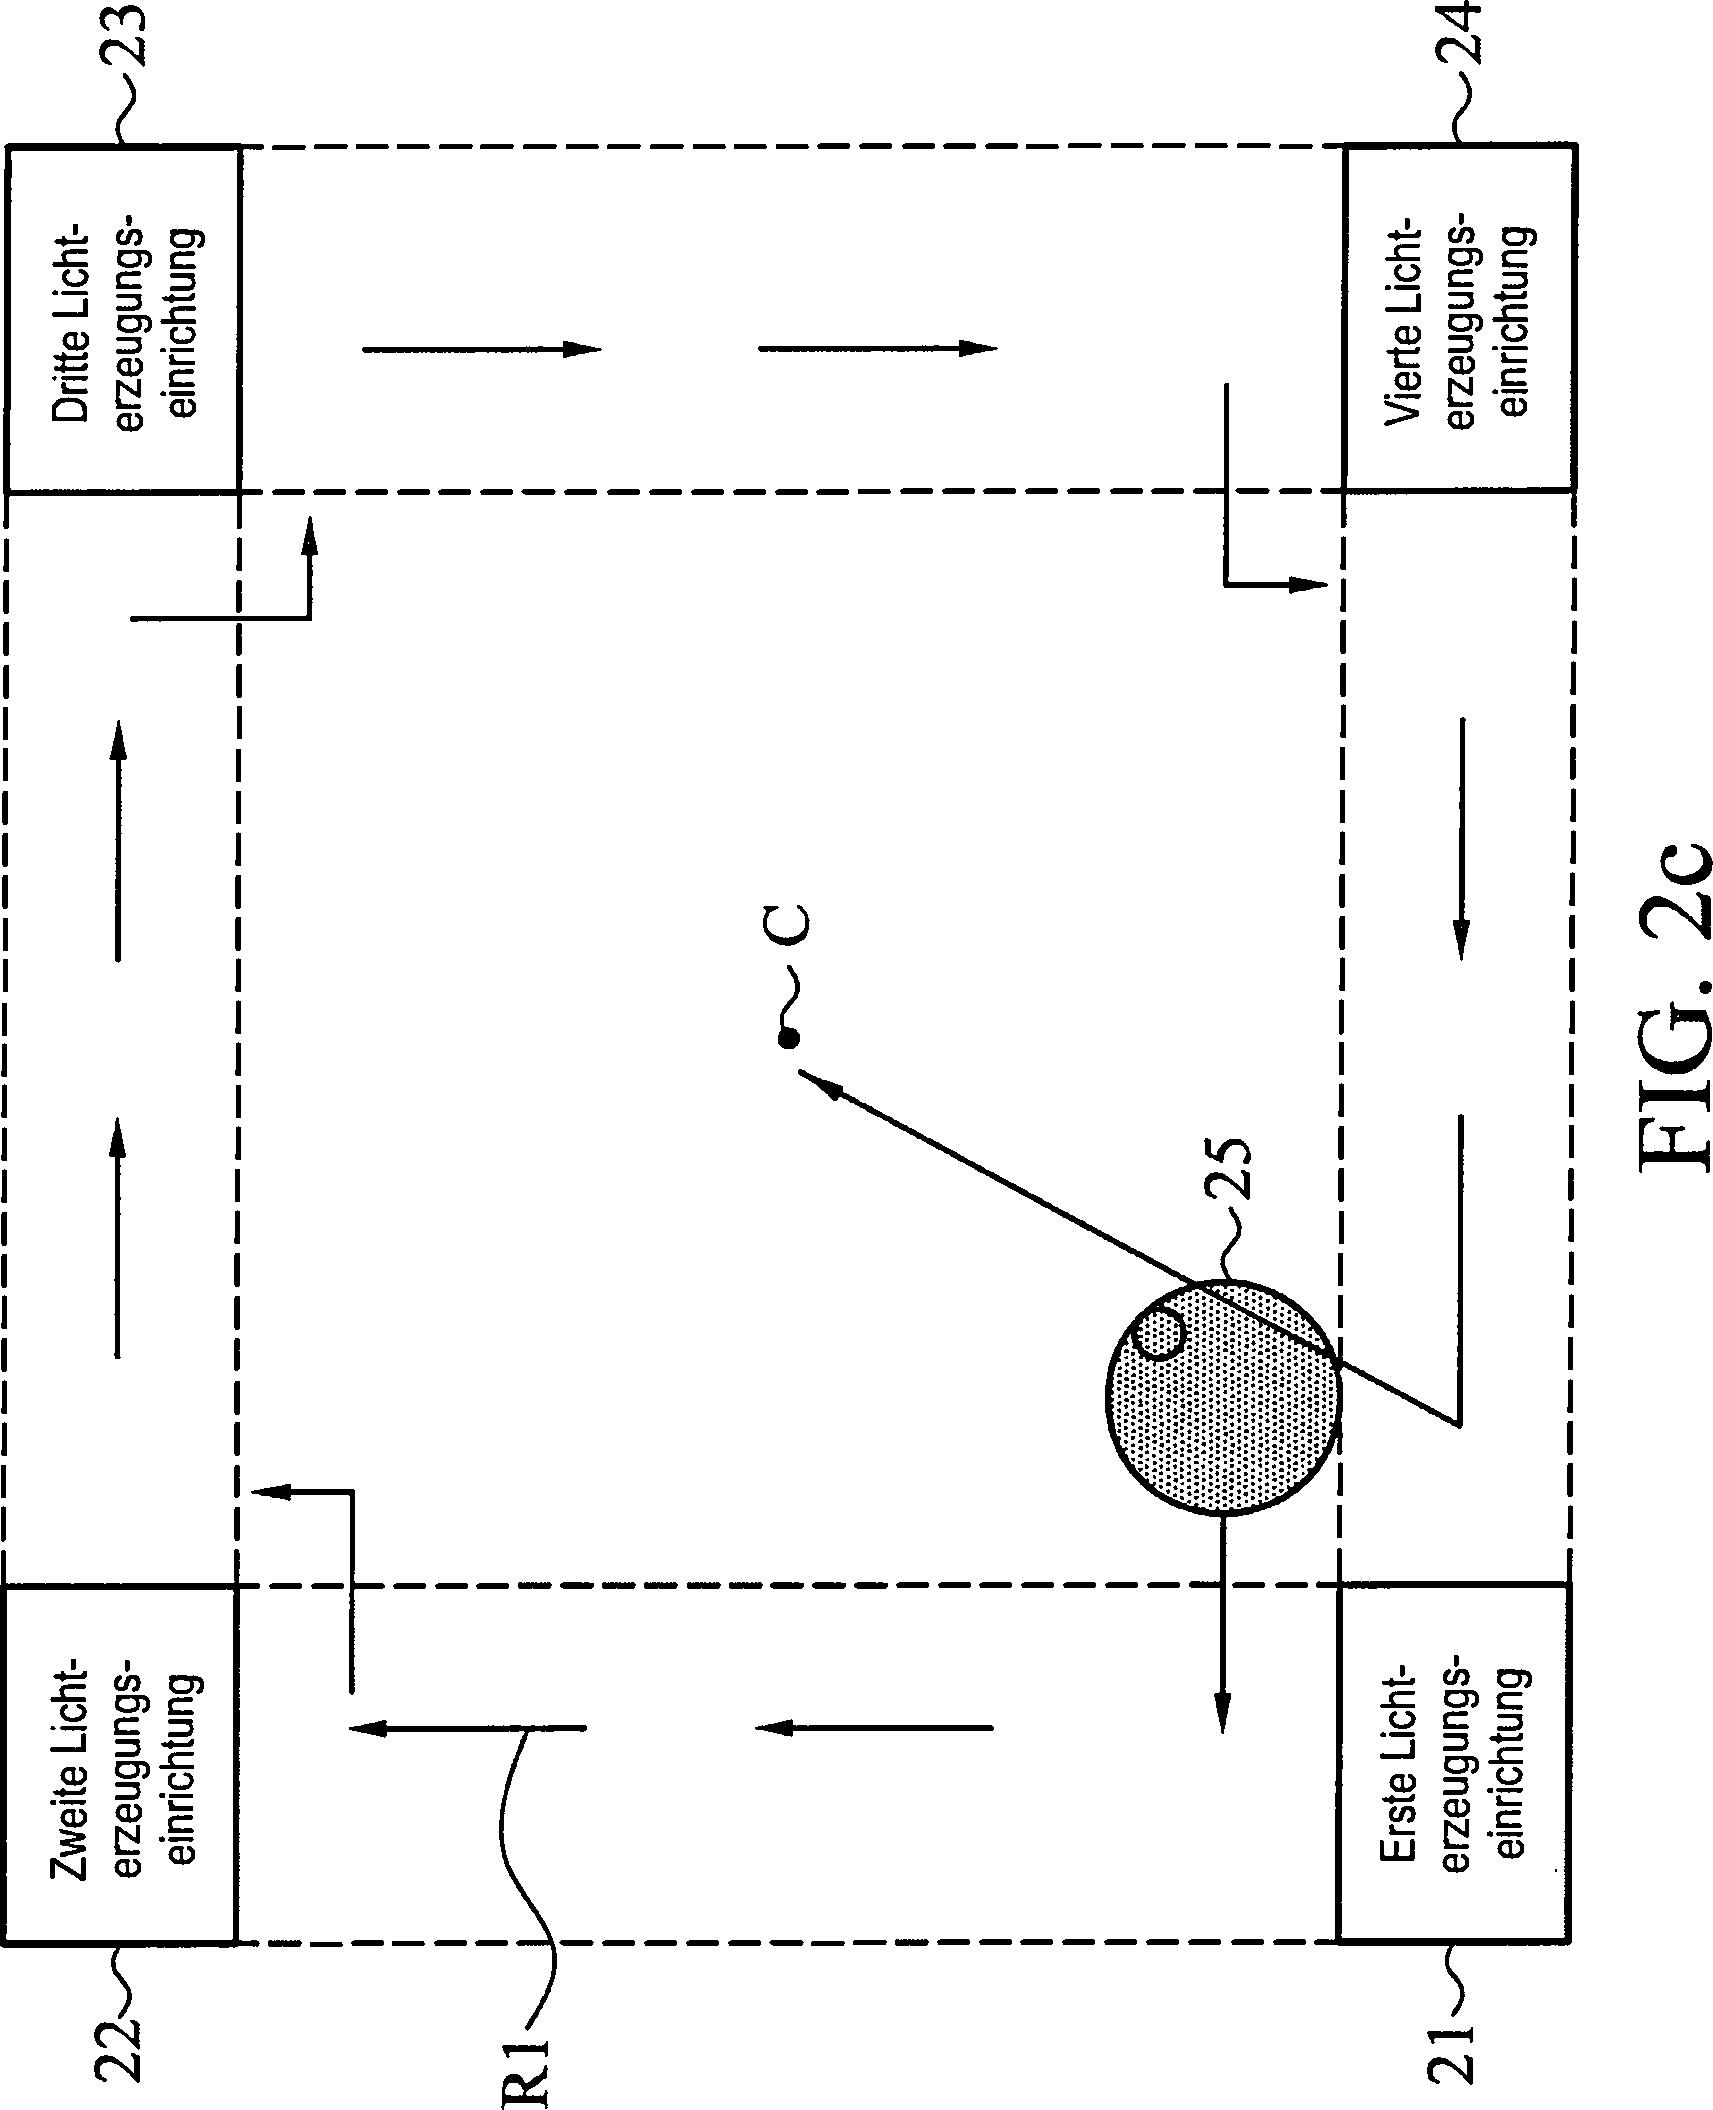 Großartig Zeichnen Von Schematischen Diagrammen Bilder - Der ...